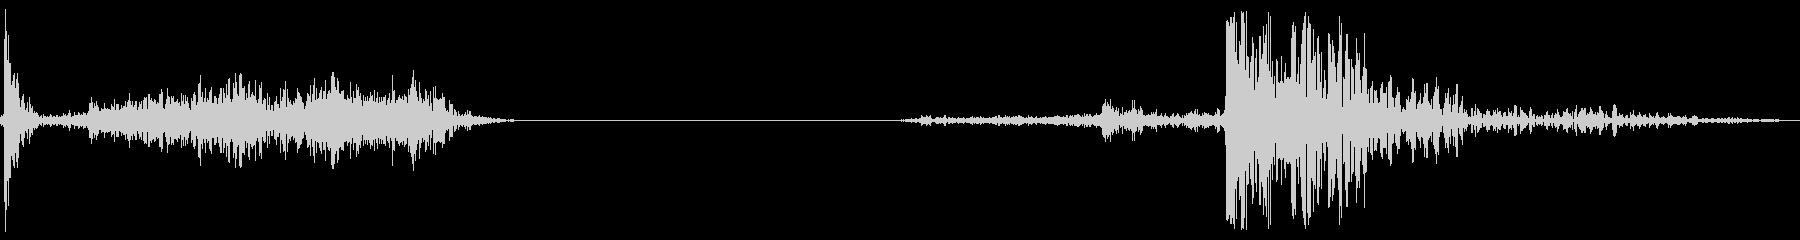 襖の開閉 B-7の未再生の波形